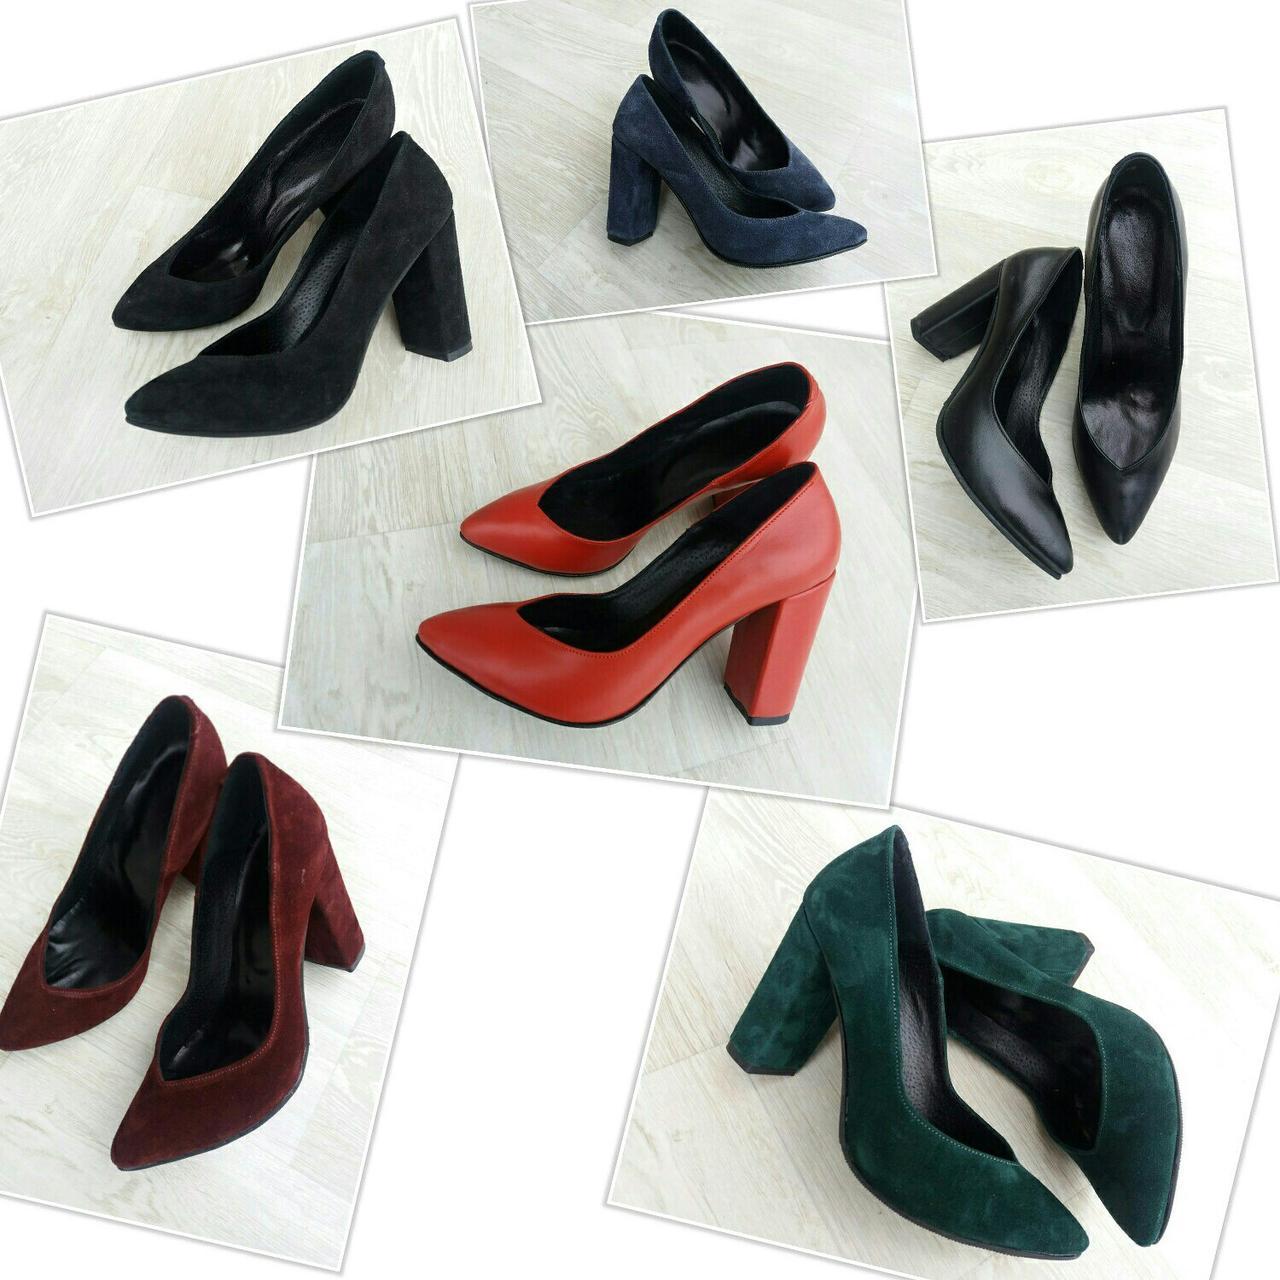 Женские туфли на толстом каблуке с вырезом впереди натуральная кожа и замша  - ГЛЯНЕЦ  719b7c611c7e2